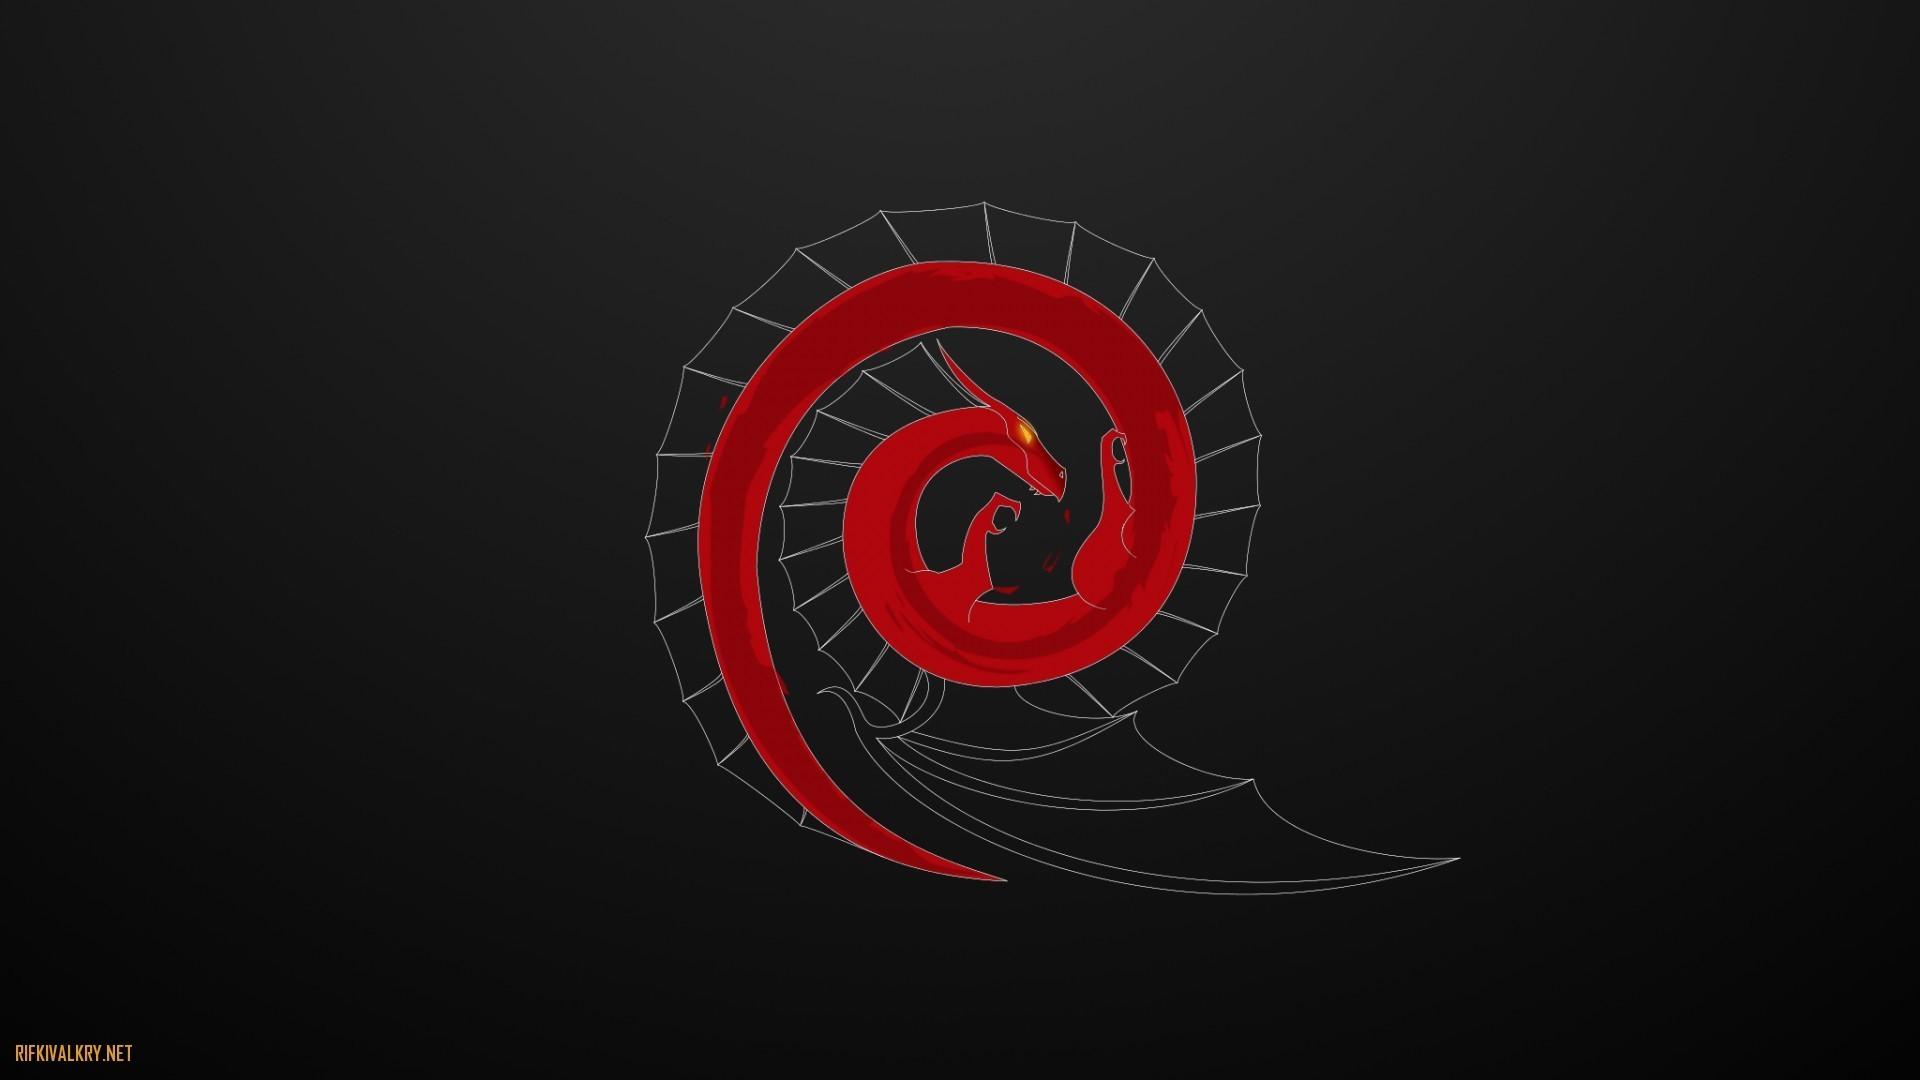 Compaq Wallpaper Hd Debian Wallpapers 75 Images